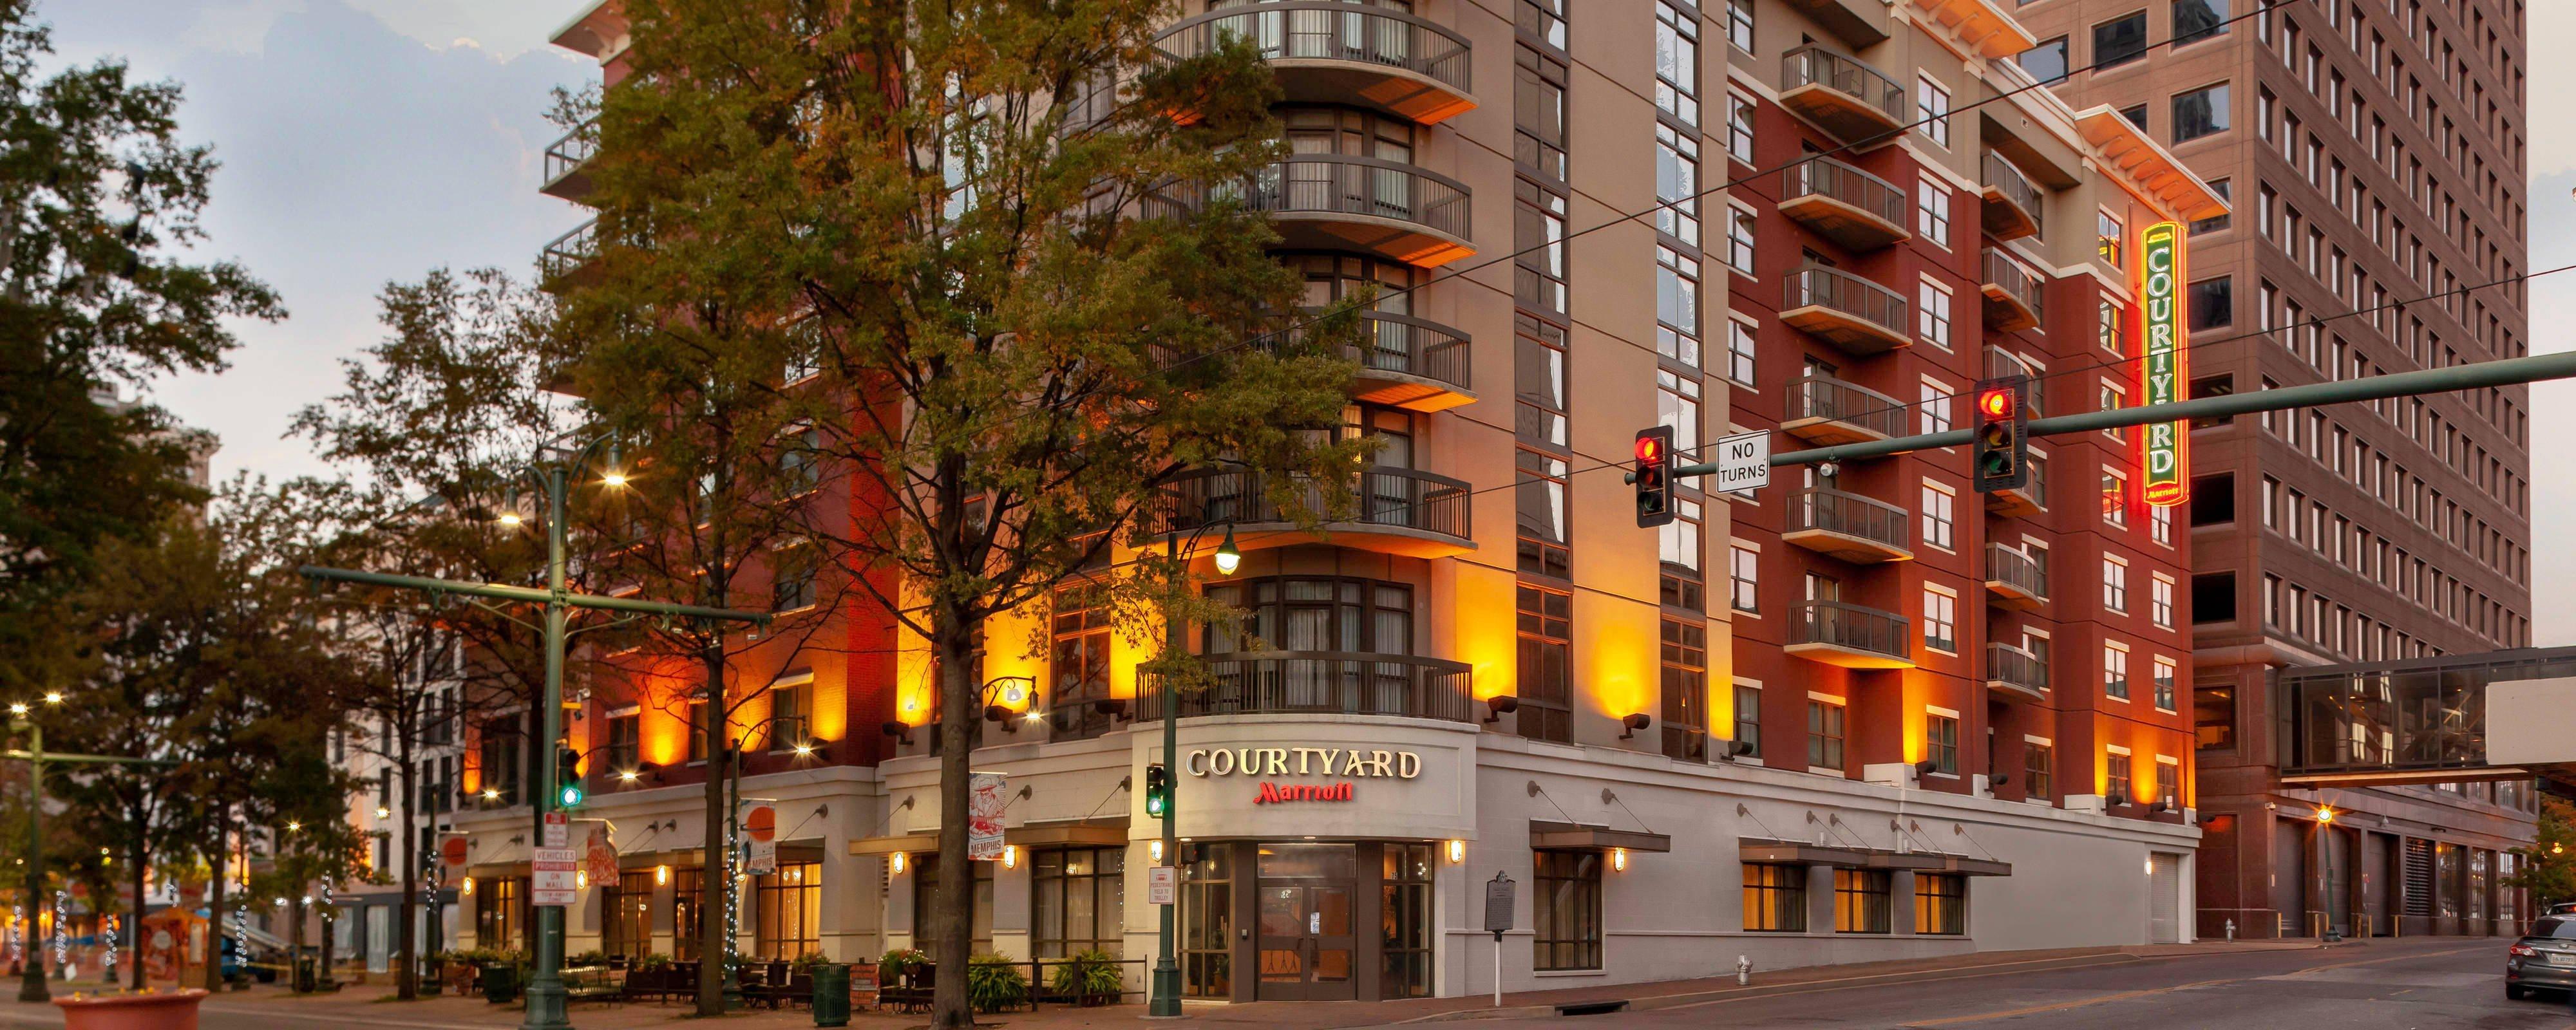 Courtyard Marriott - Memphis, TN